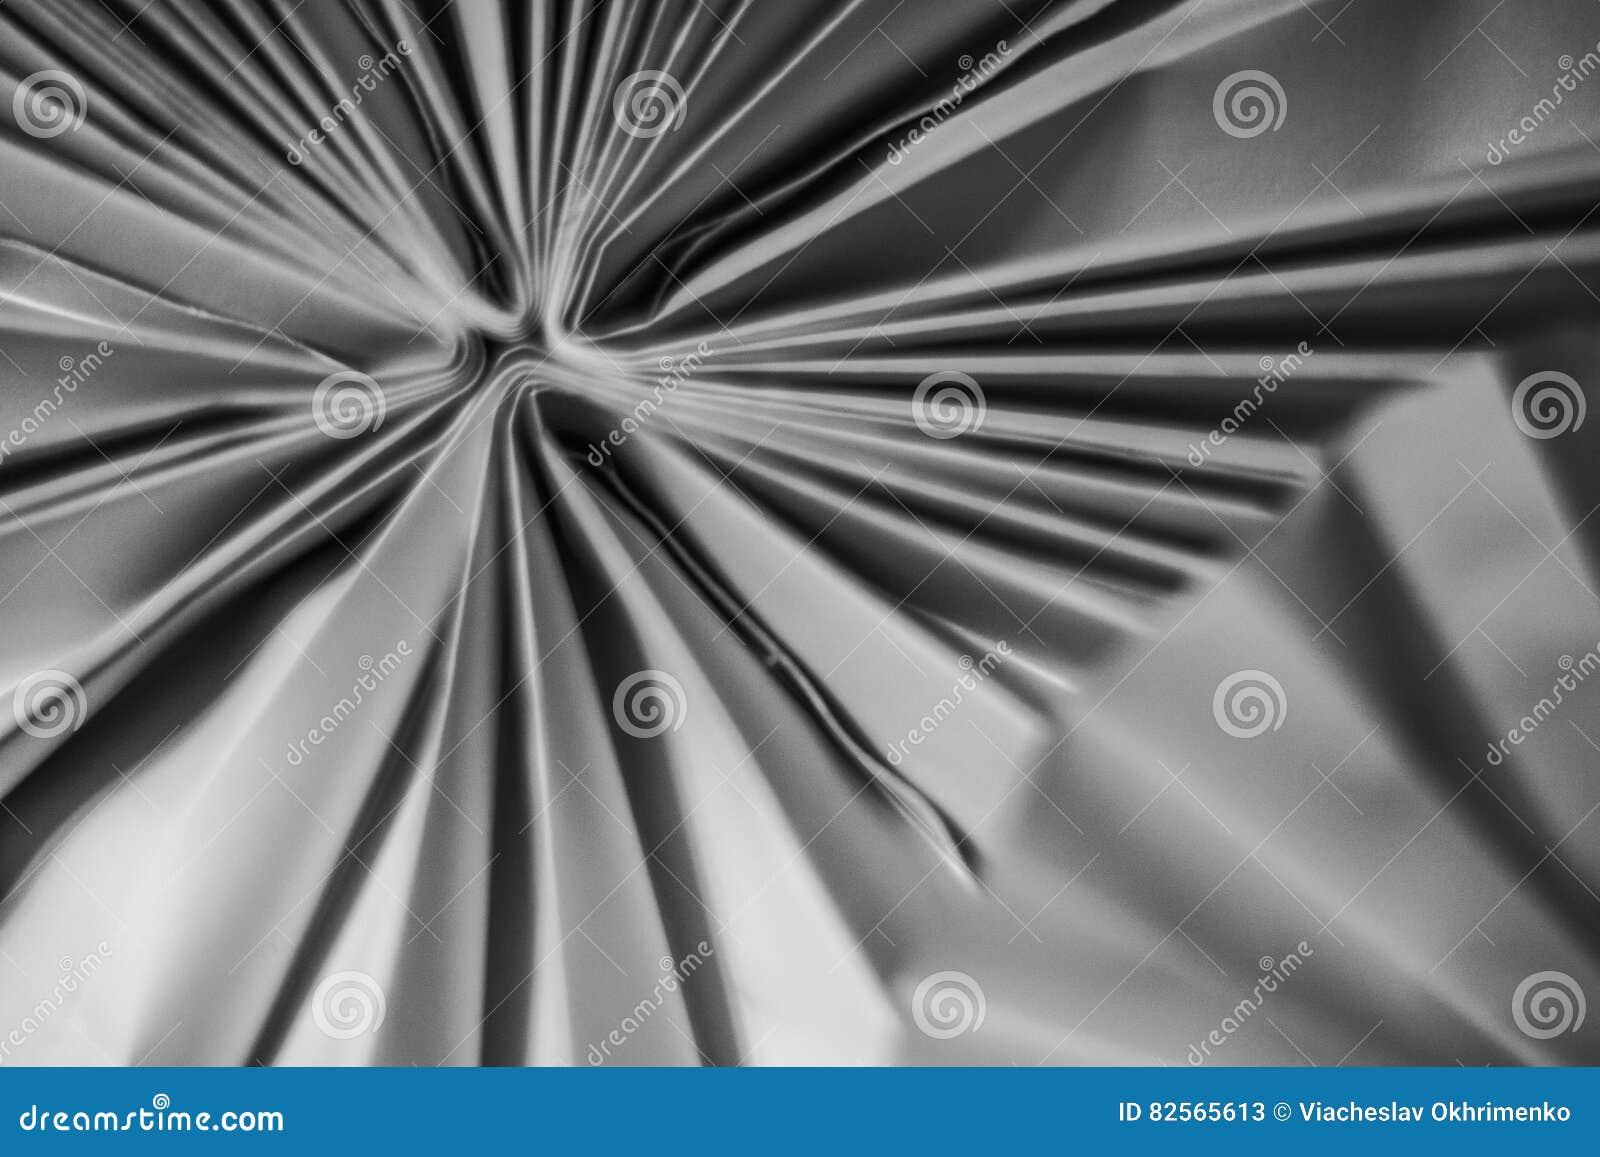 Runde Papierbeschaffenheit